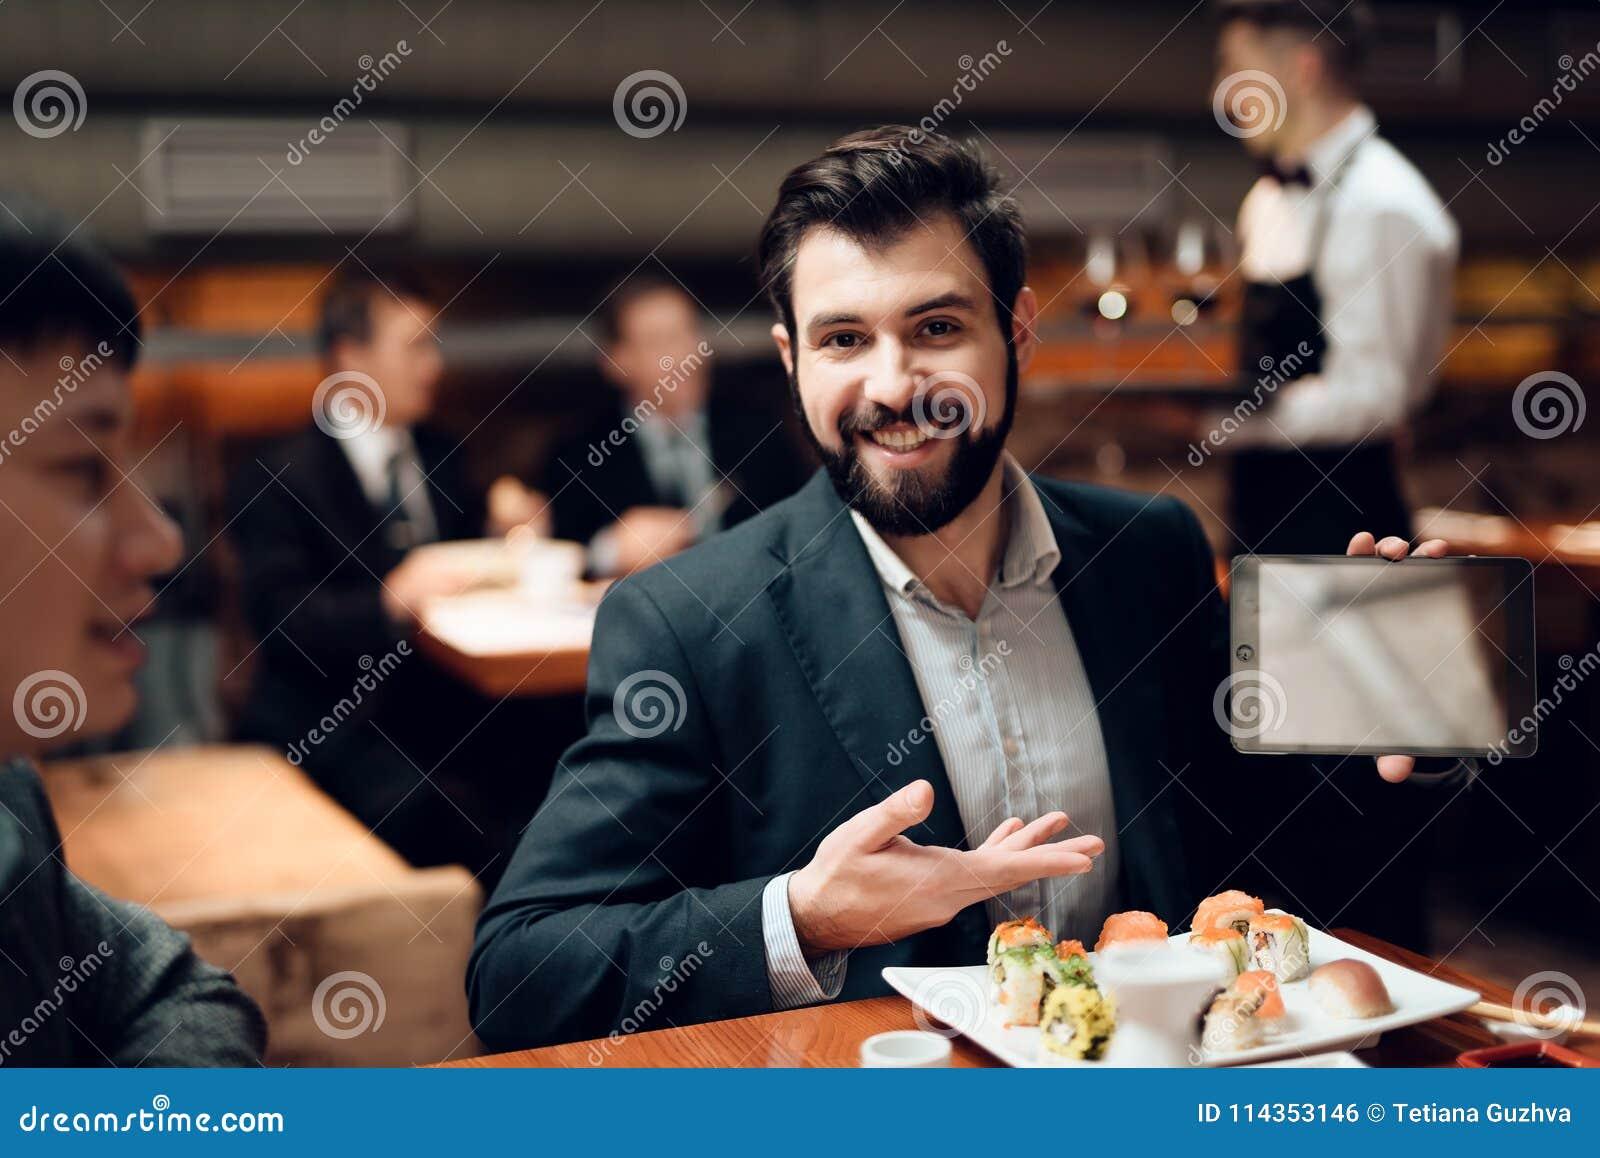 Συνεδρίαση με τους κινεζικούς επιχειρηματίες στο εστιατόριο Το άτομο παρουσιάζει ταμπλέτα